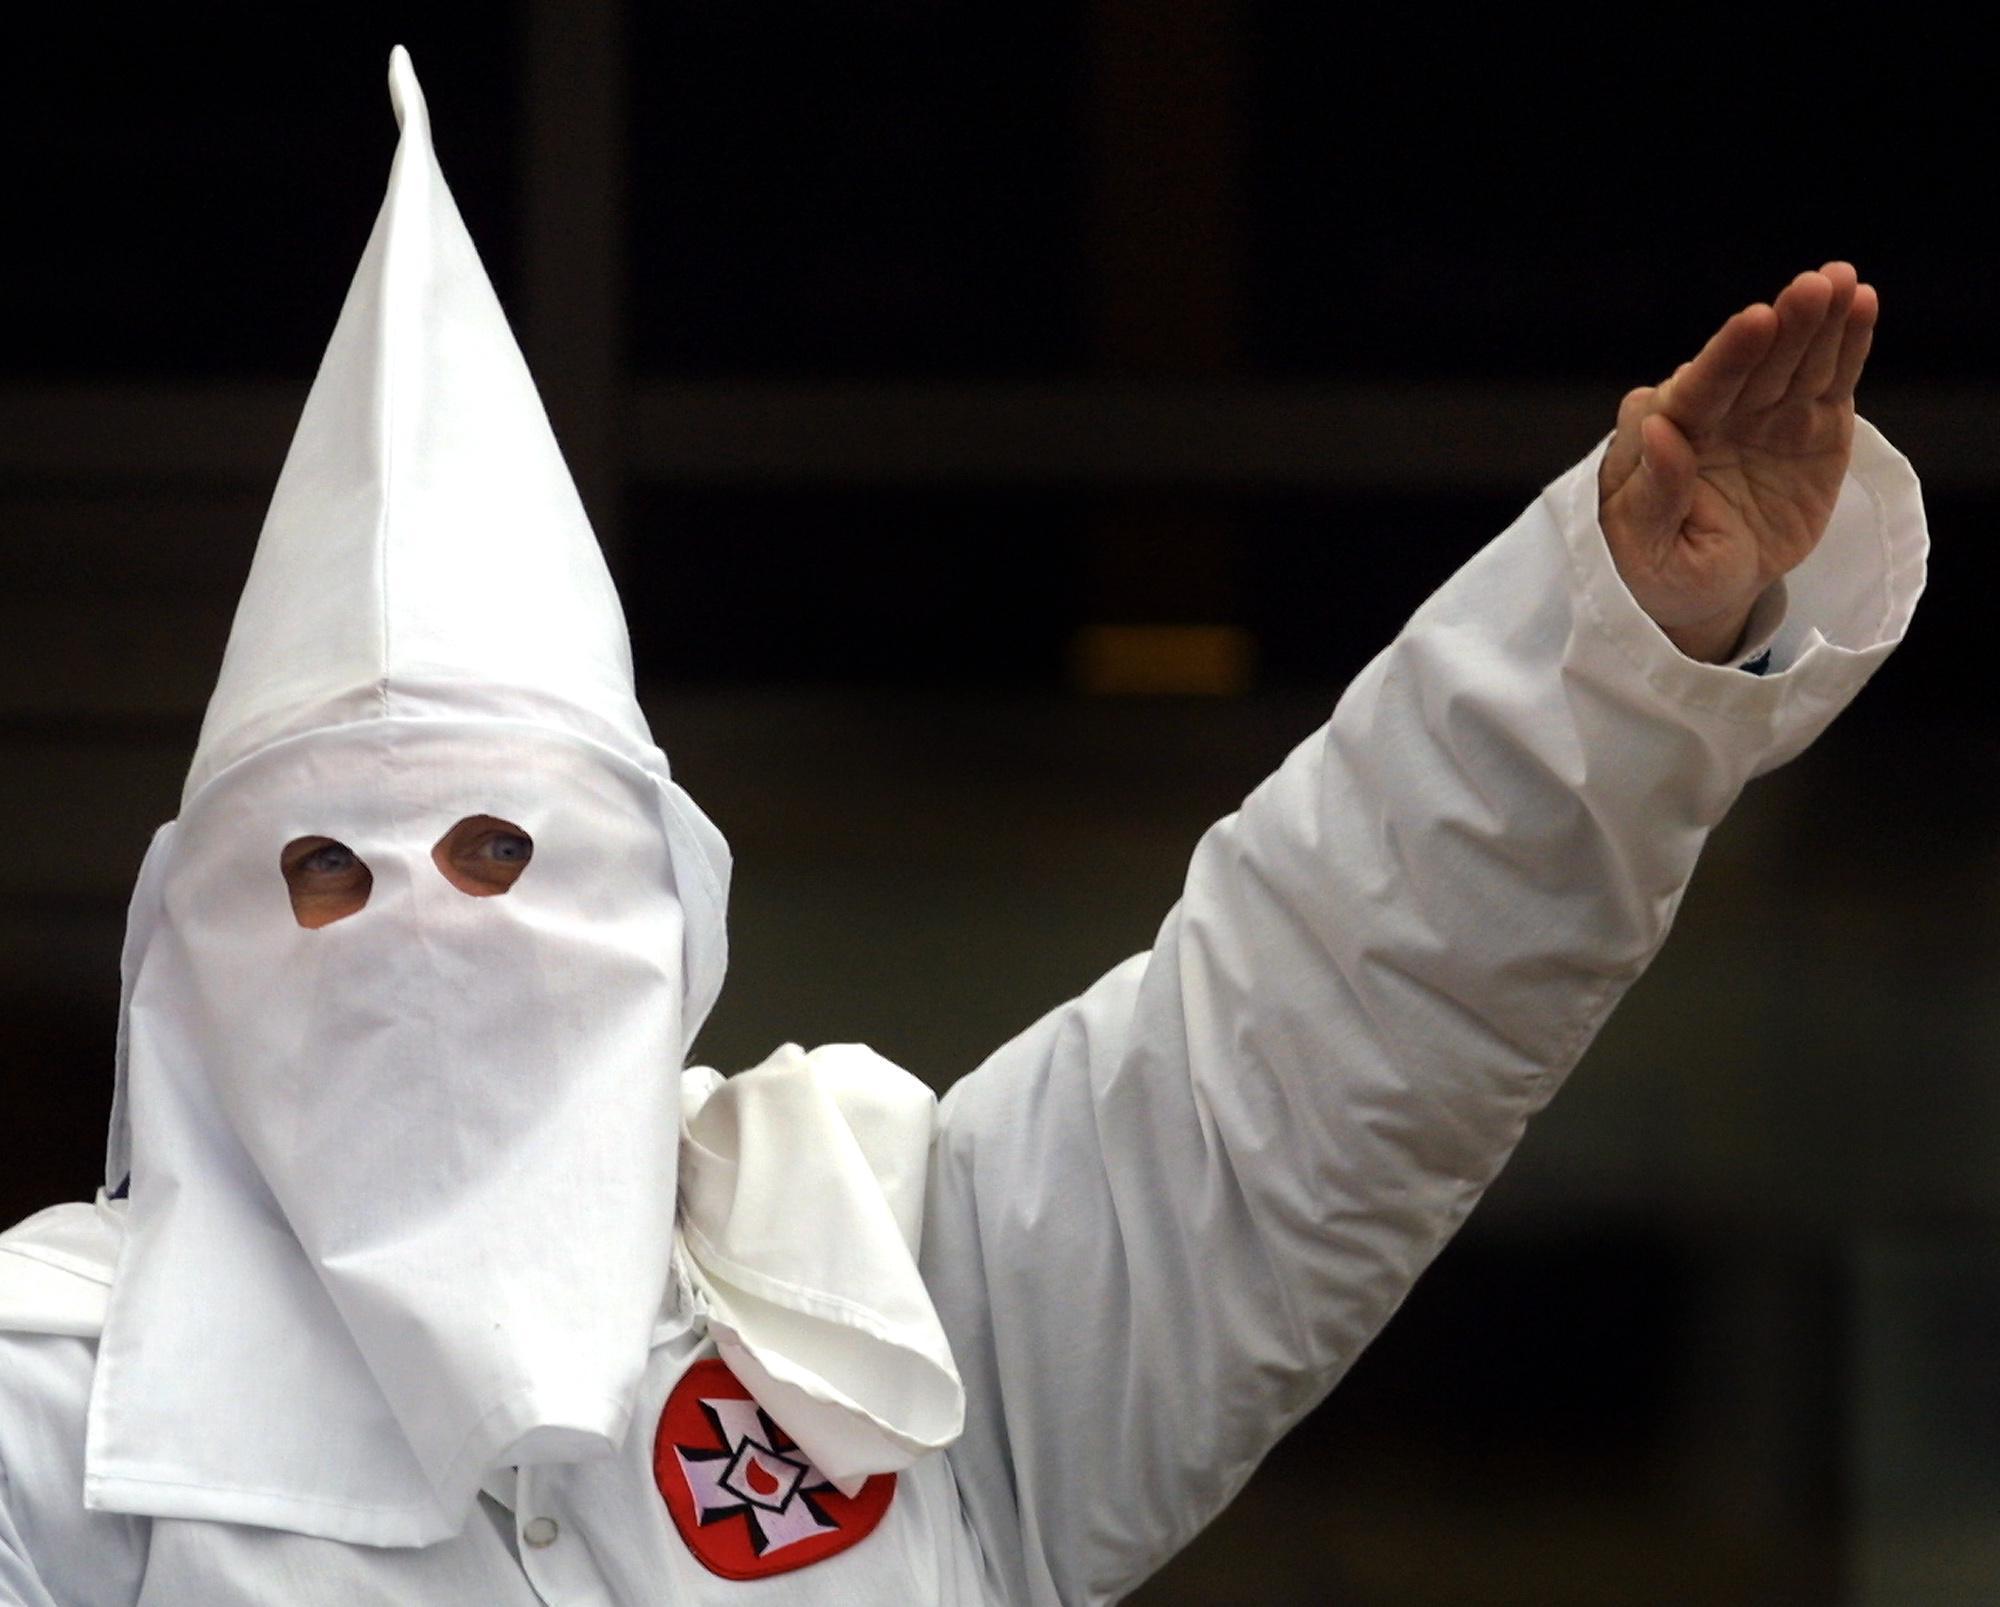 KKK rally in Illinois